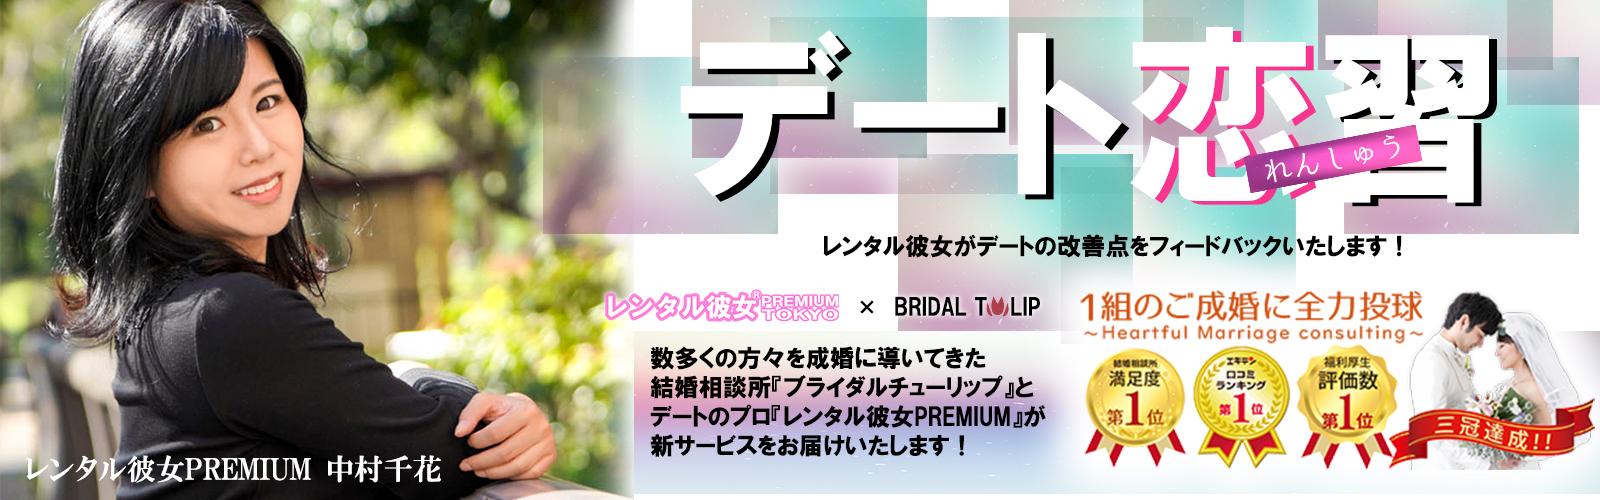 レンタル彼女×ブライダルチューリップ、共同企画「デート恋習」